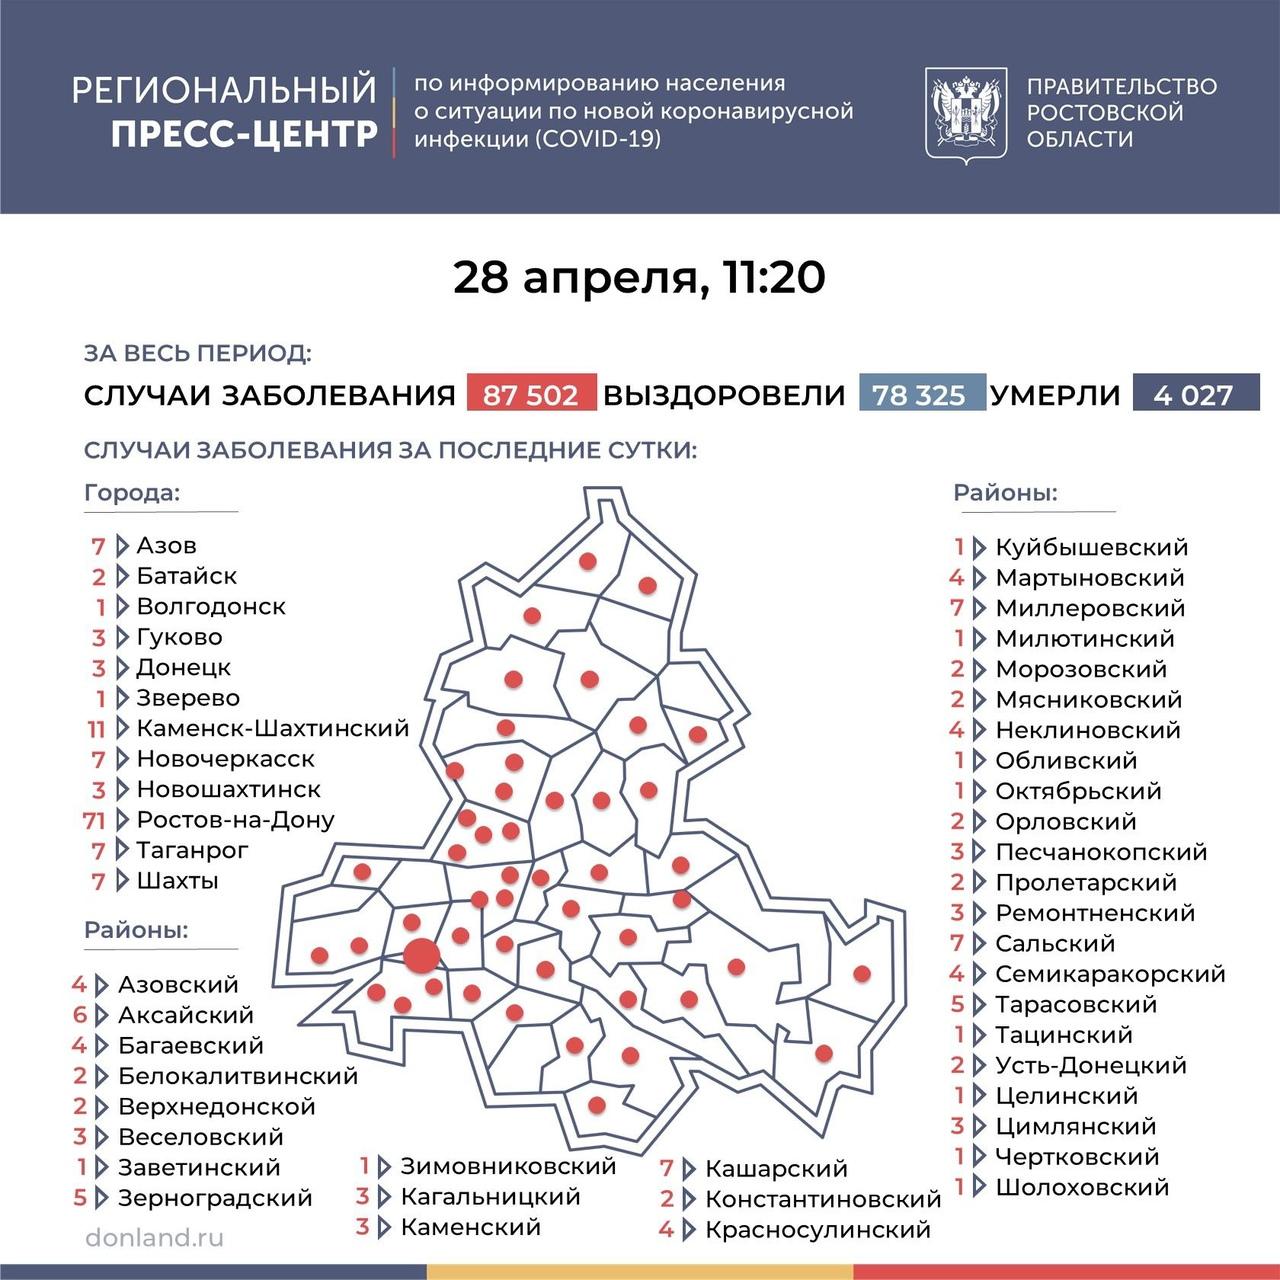 На Дону число инфицированных COVID-19 составляет 228, в Таганроге 7 новых случаев